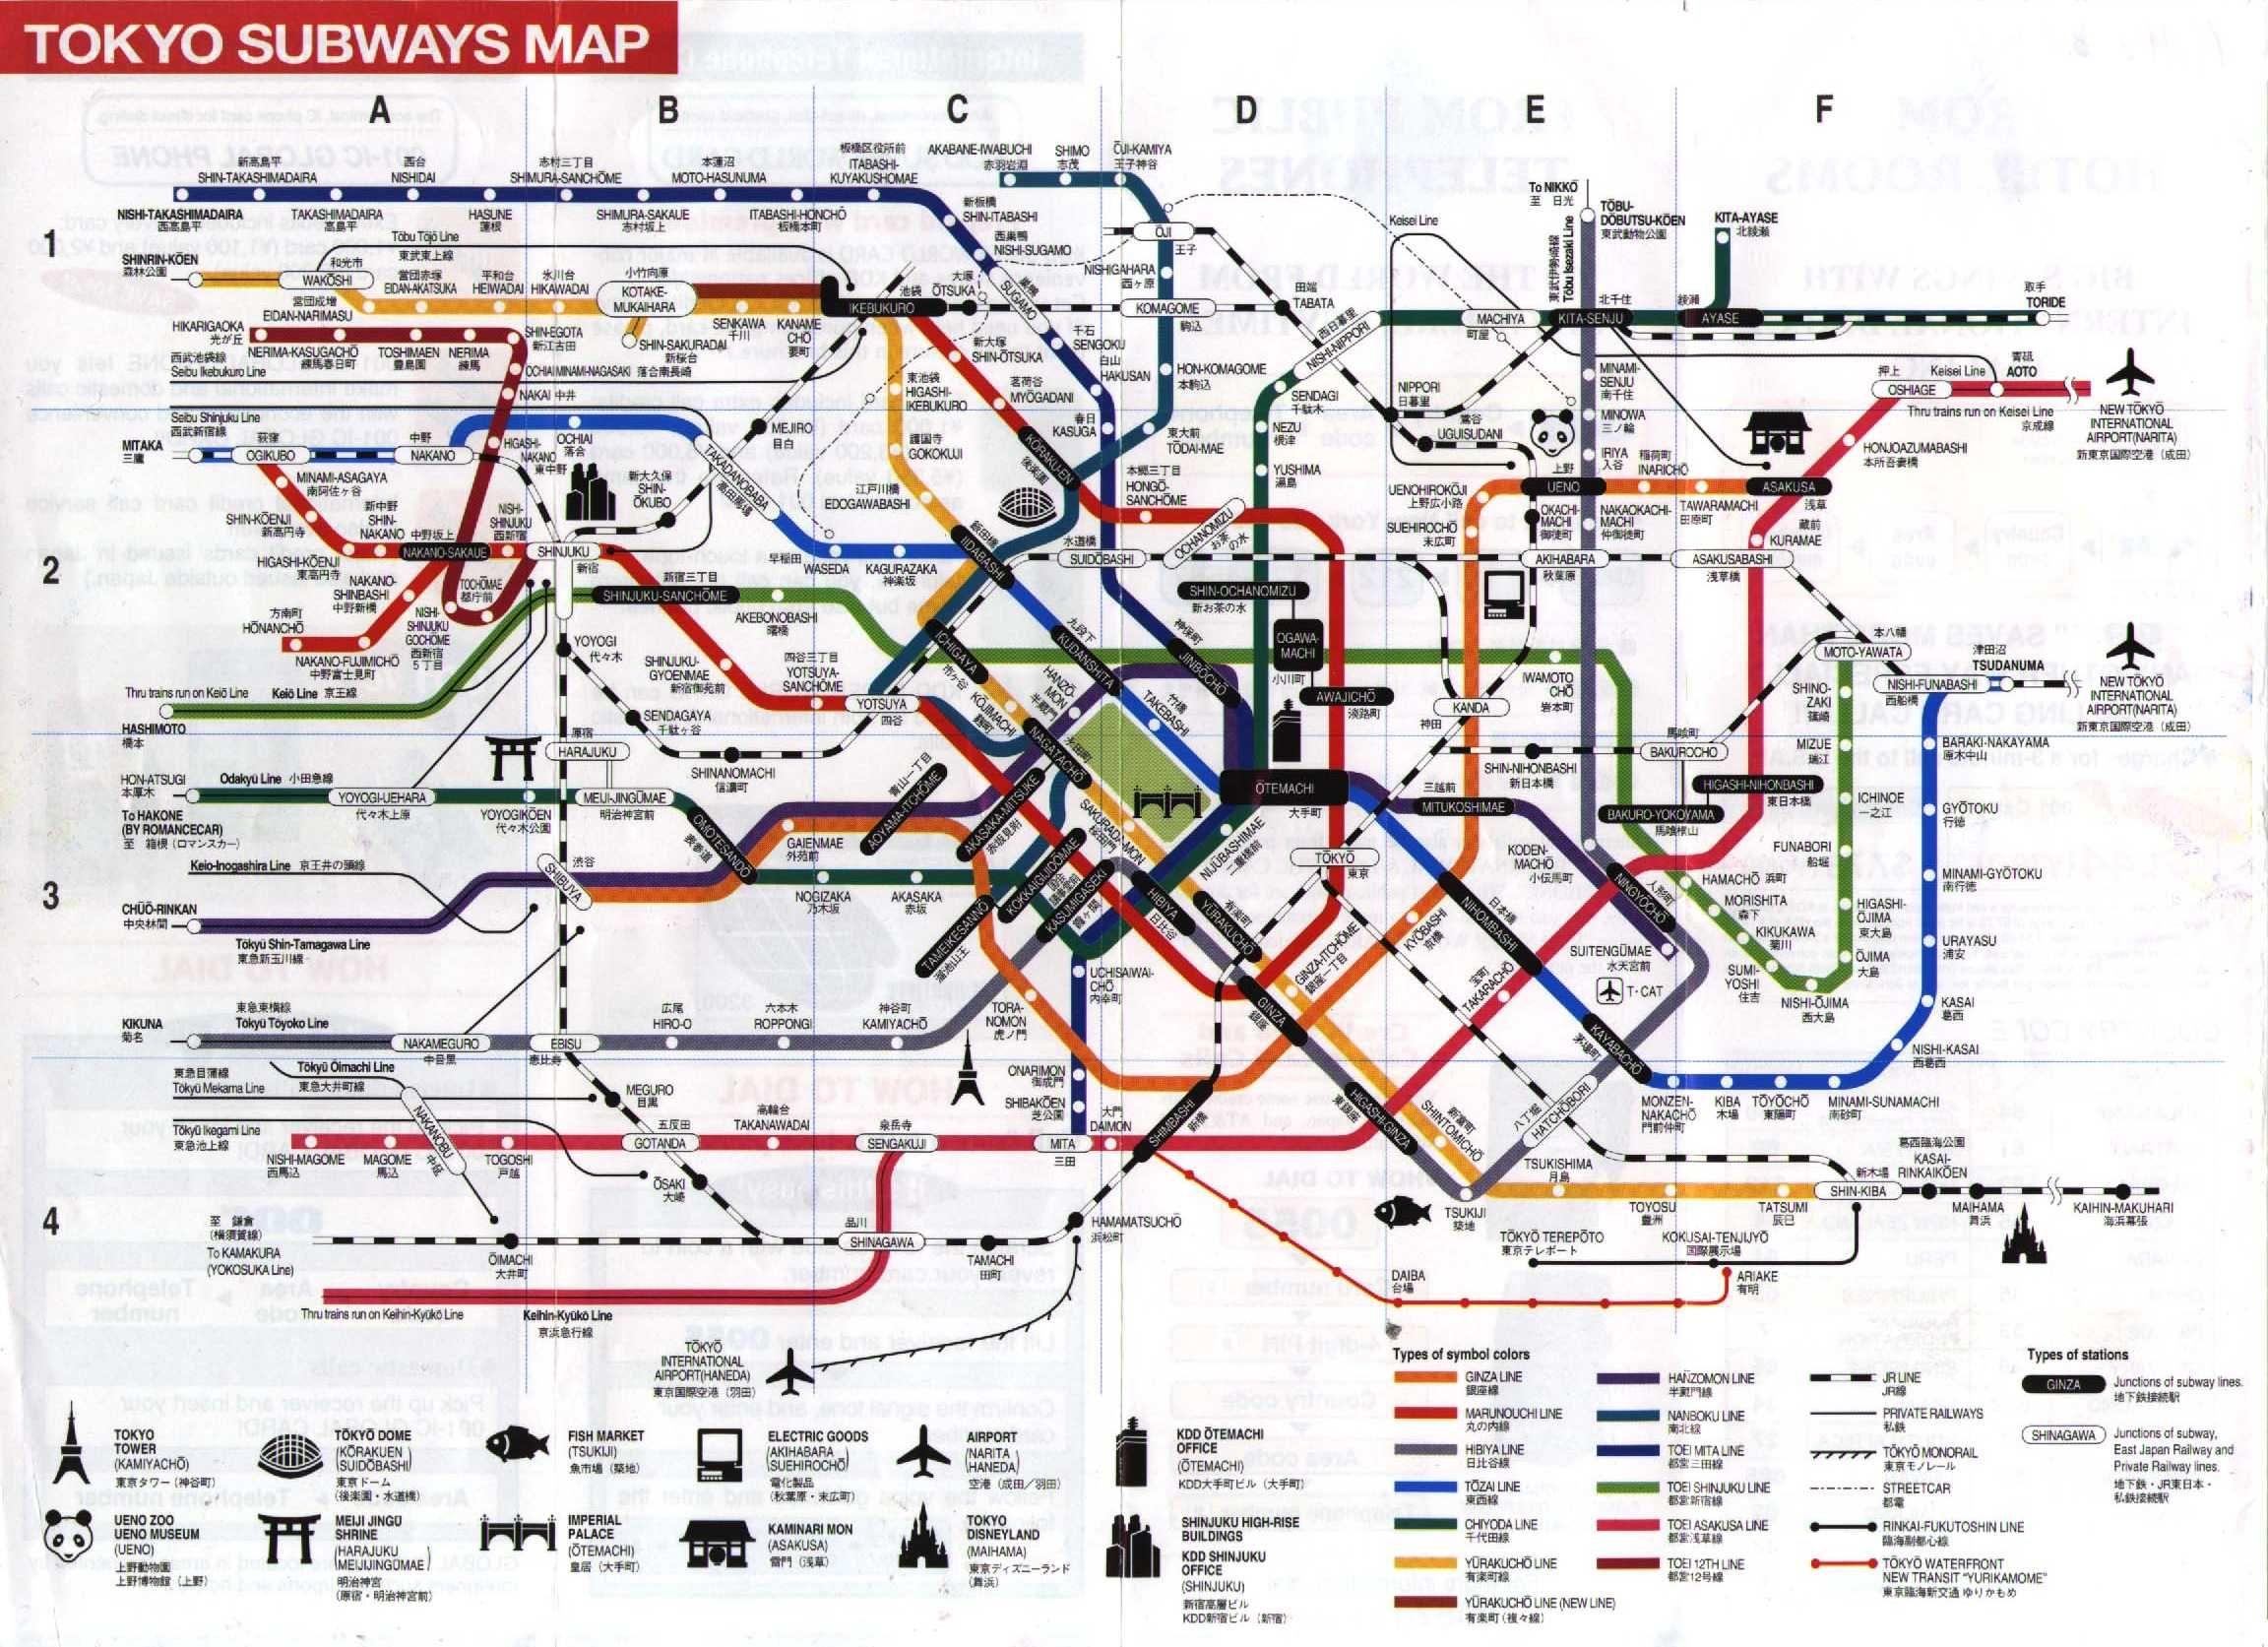 Tokyo Subway Map Cartography Pinterest Subway map Tokyo and